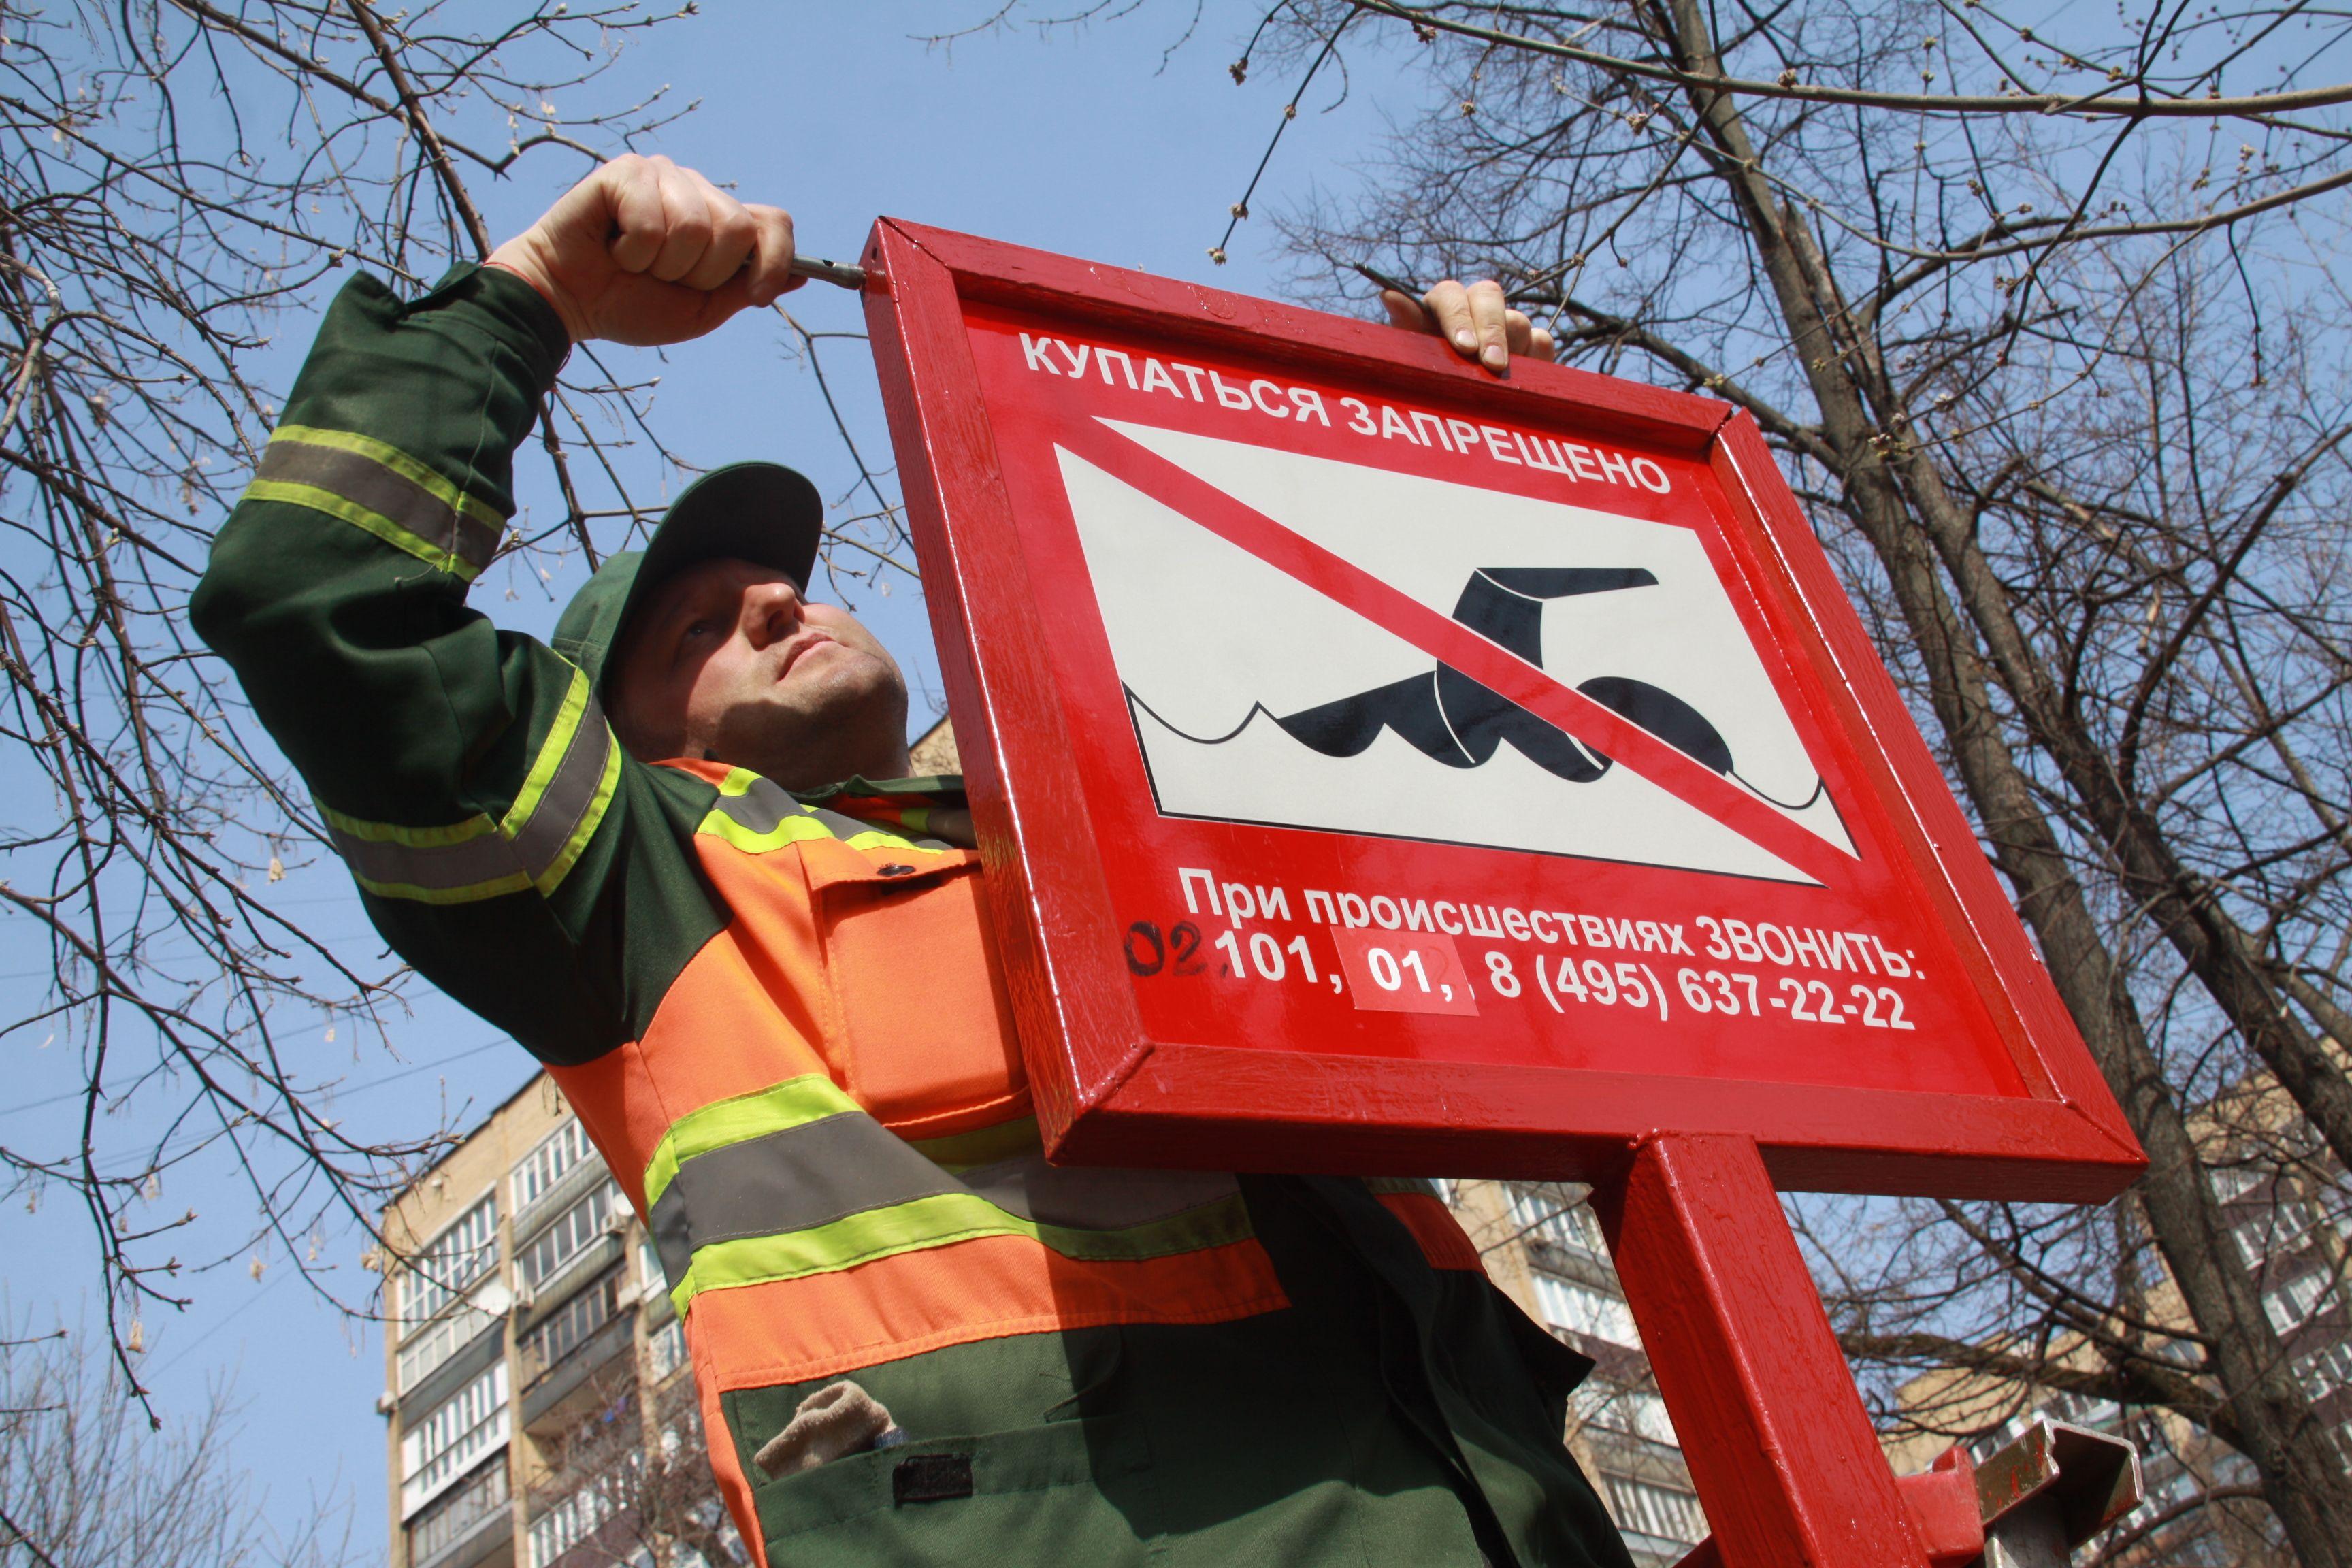 Царицынские пруды получили почти 50 новых знаков безопасности